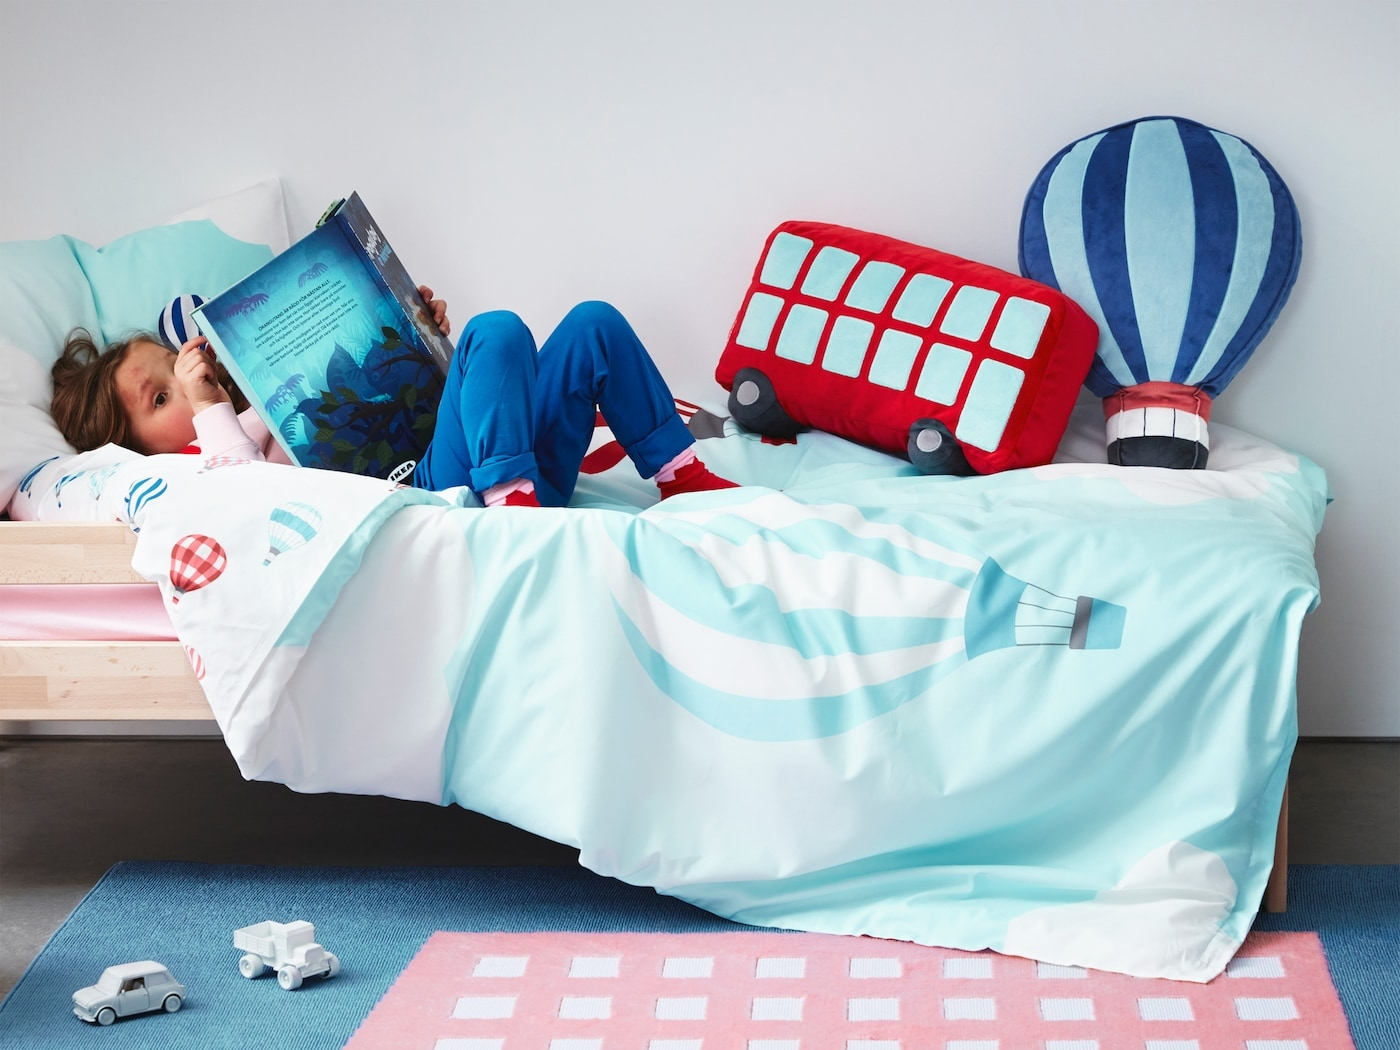 Housse de couette, tapis et coussins de la collection UPPTÅG pour les enfants. Les motifs colorés incarnent les moyens de transport et inspirent les voyages.